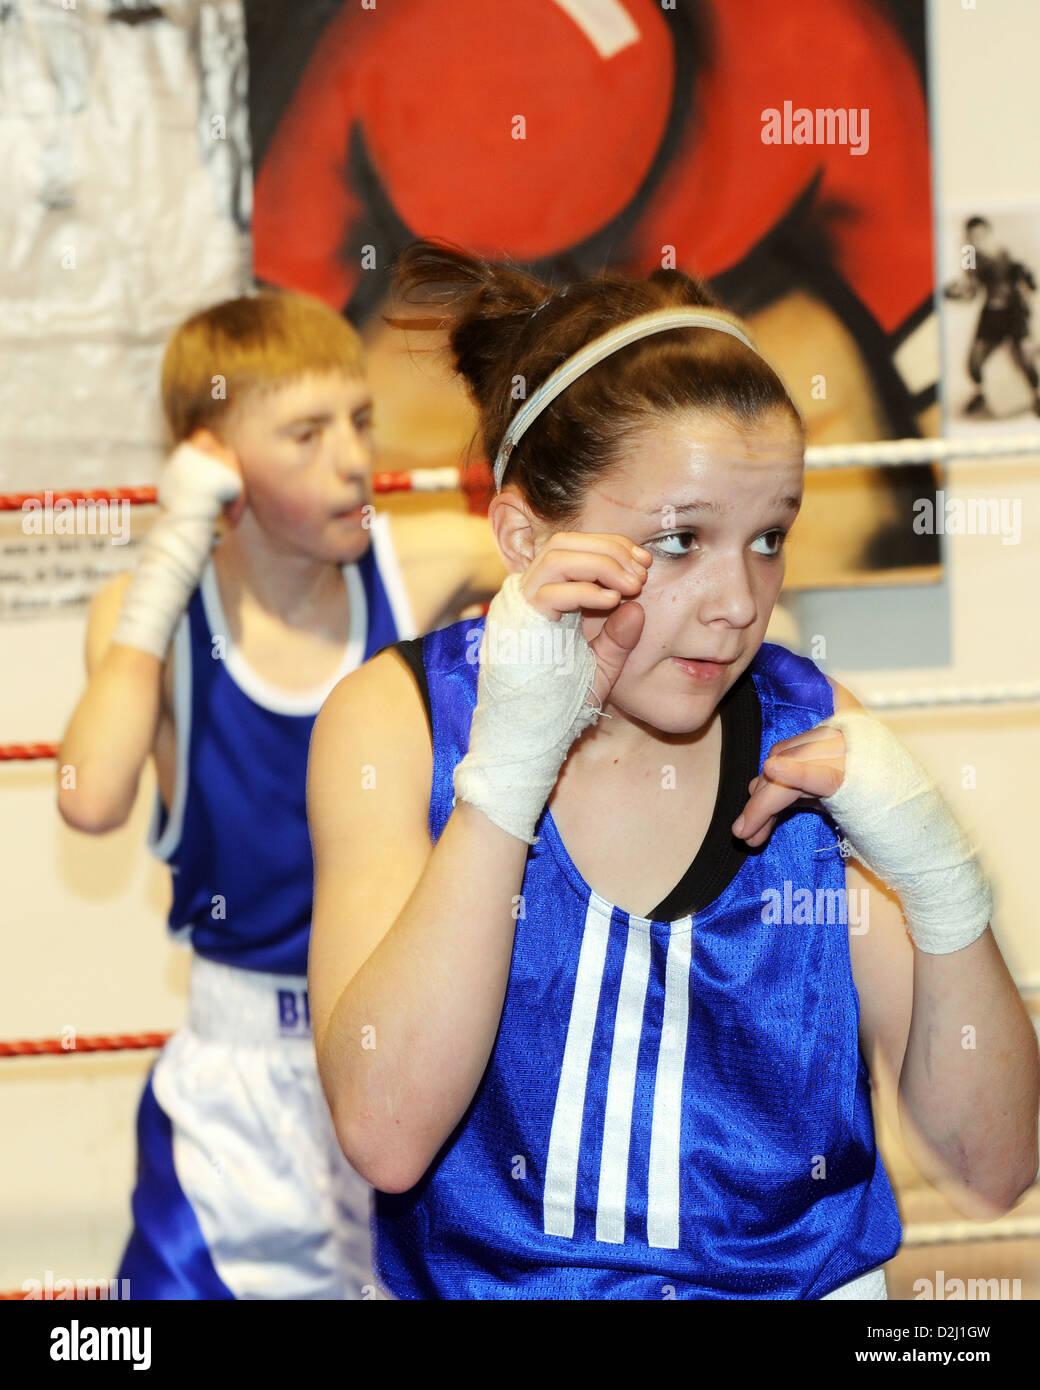 Boxing Club South Yorkshire Regno Unito Immagini Stock